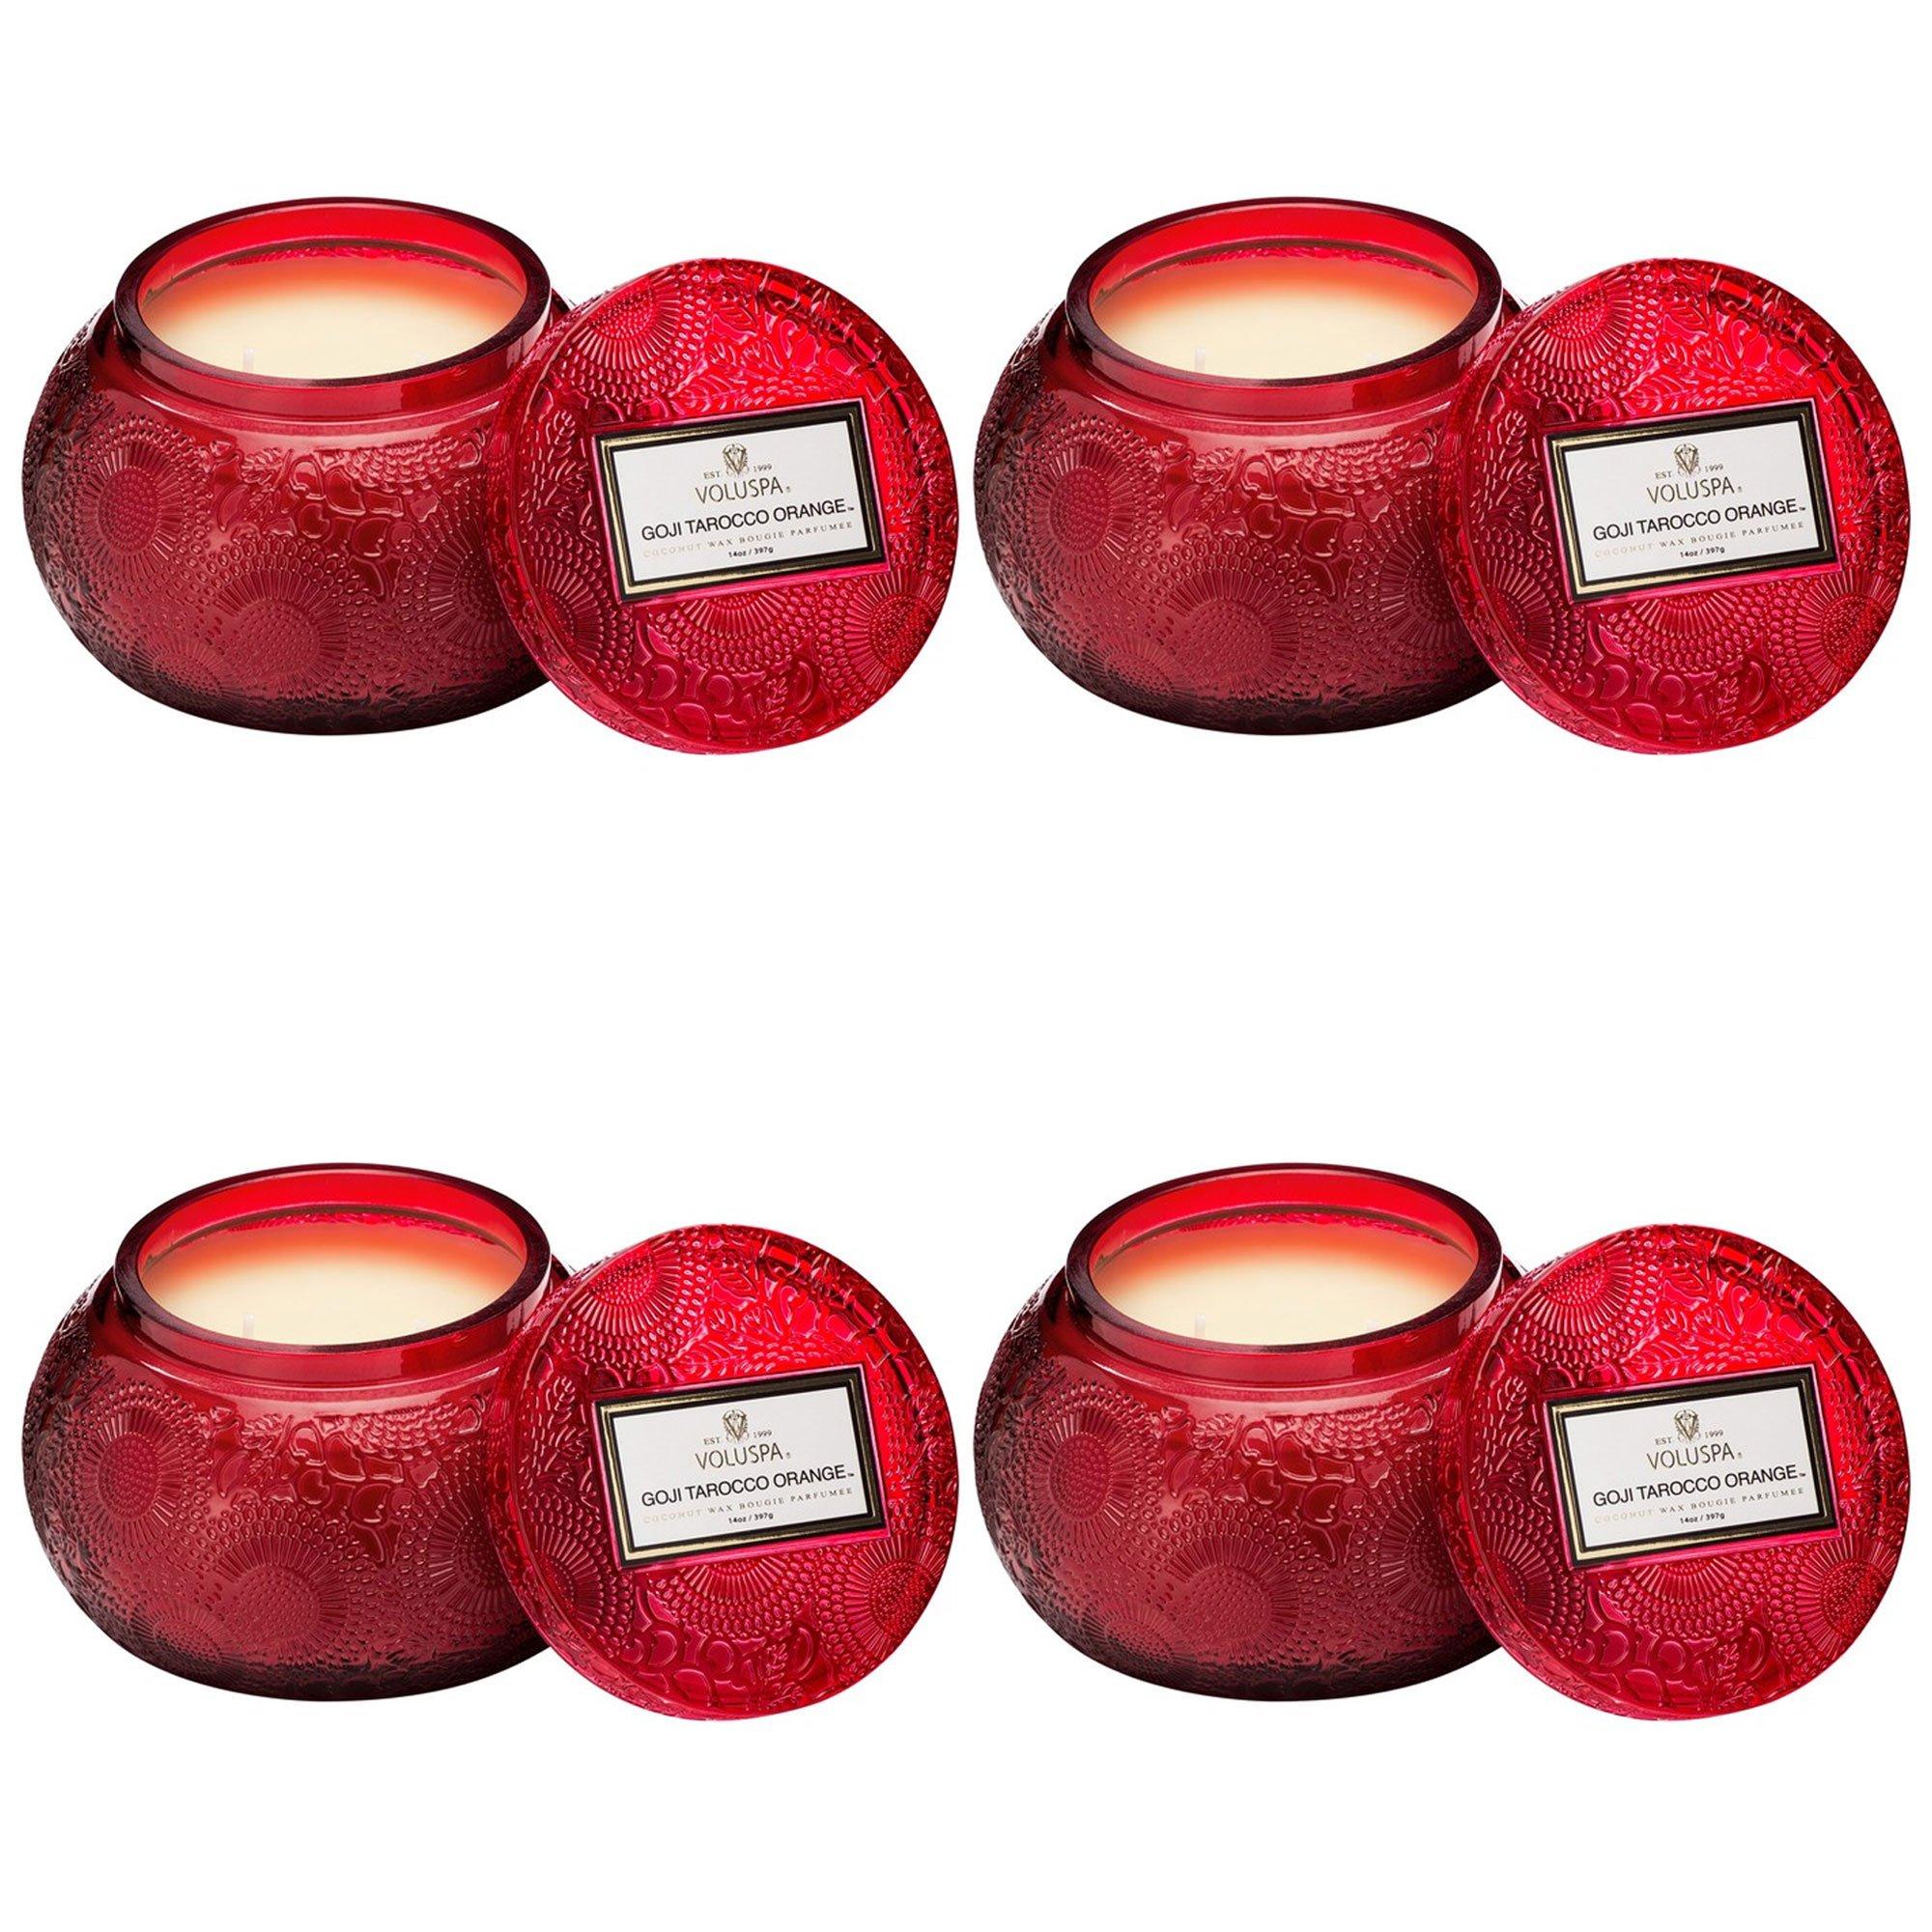 Voluspa Goji Tarocco Orange Embossed Glass Chawan Bowl Candle (4pk)